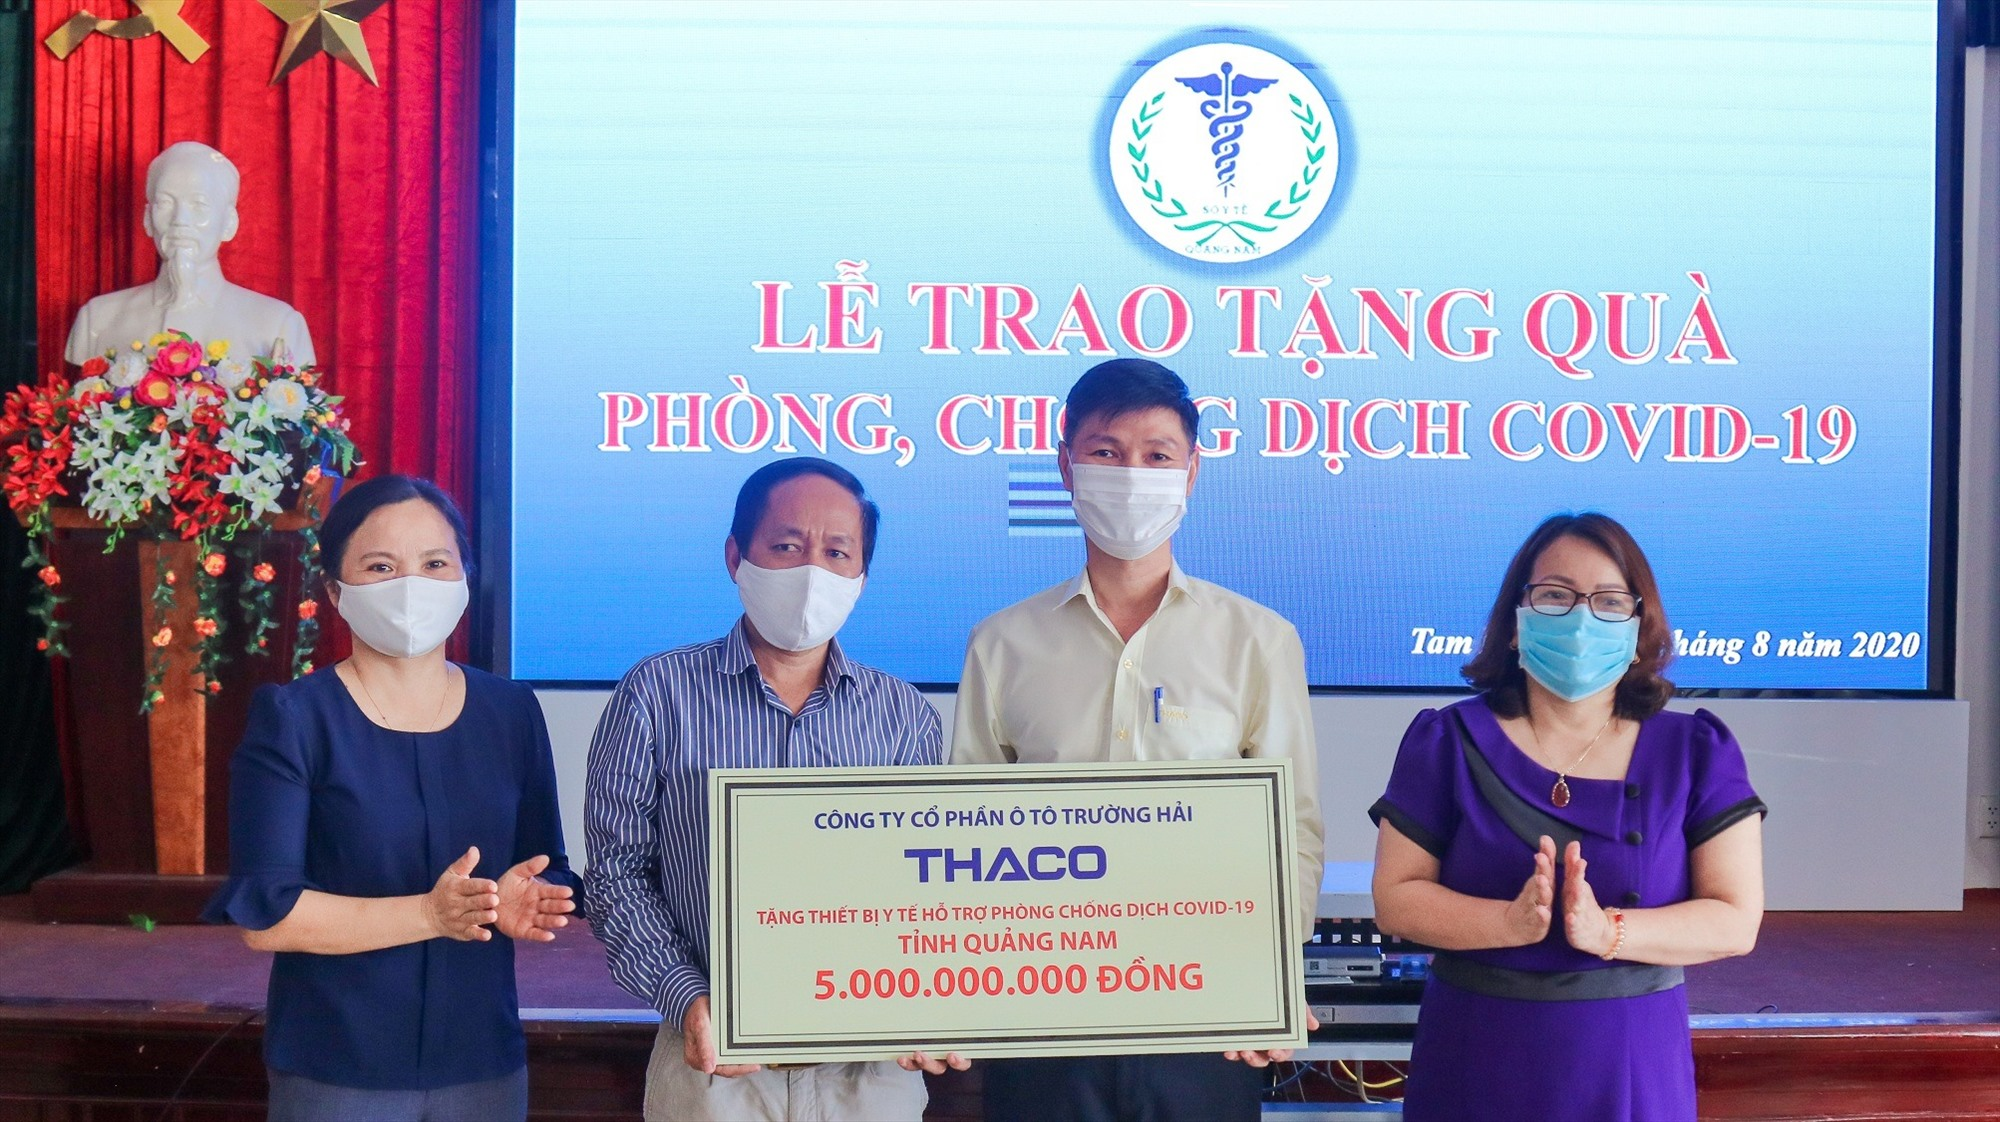 Ông Nguyễn Quang Bảo - Phó TGĐ phụ trách Sản xuất trao tặng thiết bị y tế hỗ trợ phòng chống dịch cho Tiến sĩ, bác sĩ Nguyễn Văn Văn - PGĐ Sở Y tế tỉnh Quảng Nam.